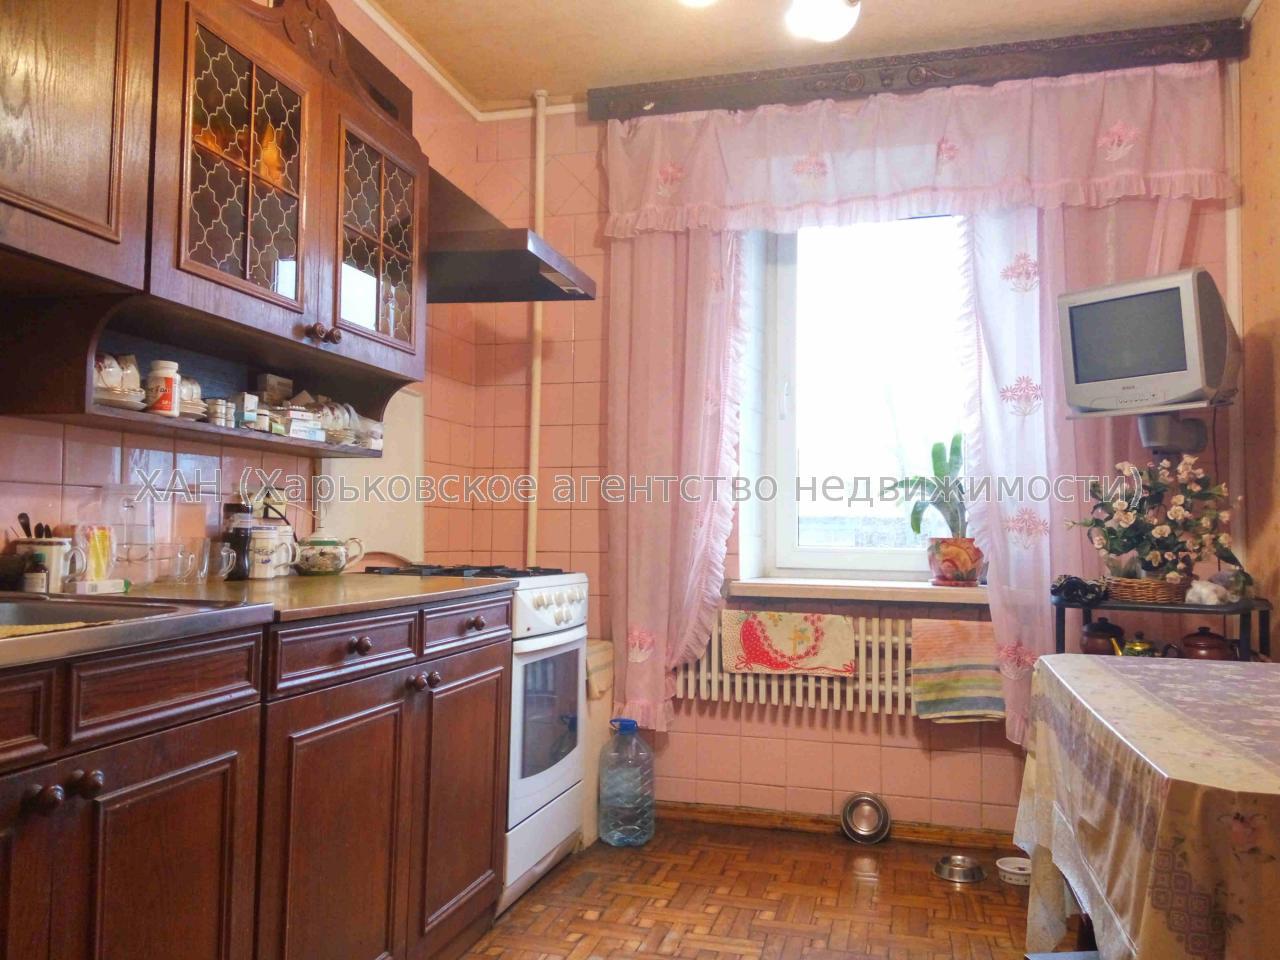 Фото 3 - Продам квартиру Харьков, Алексеевская ул.